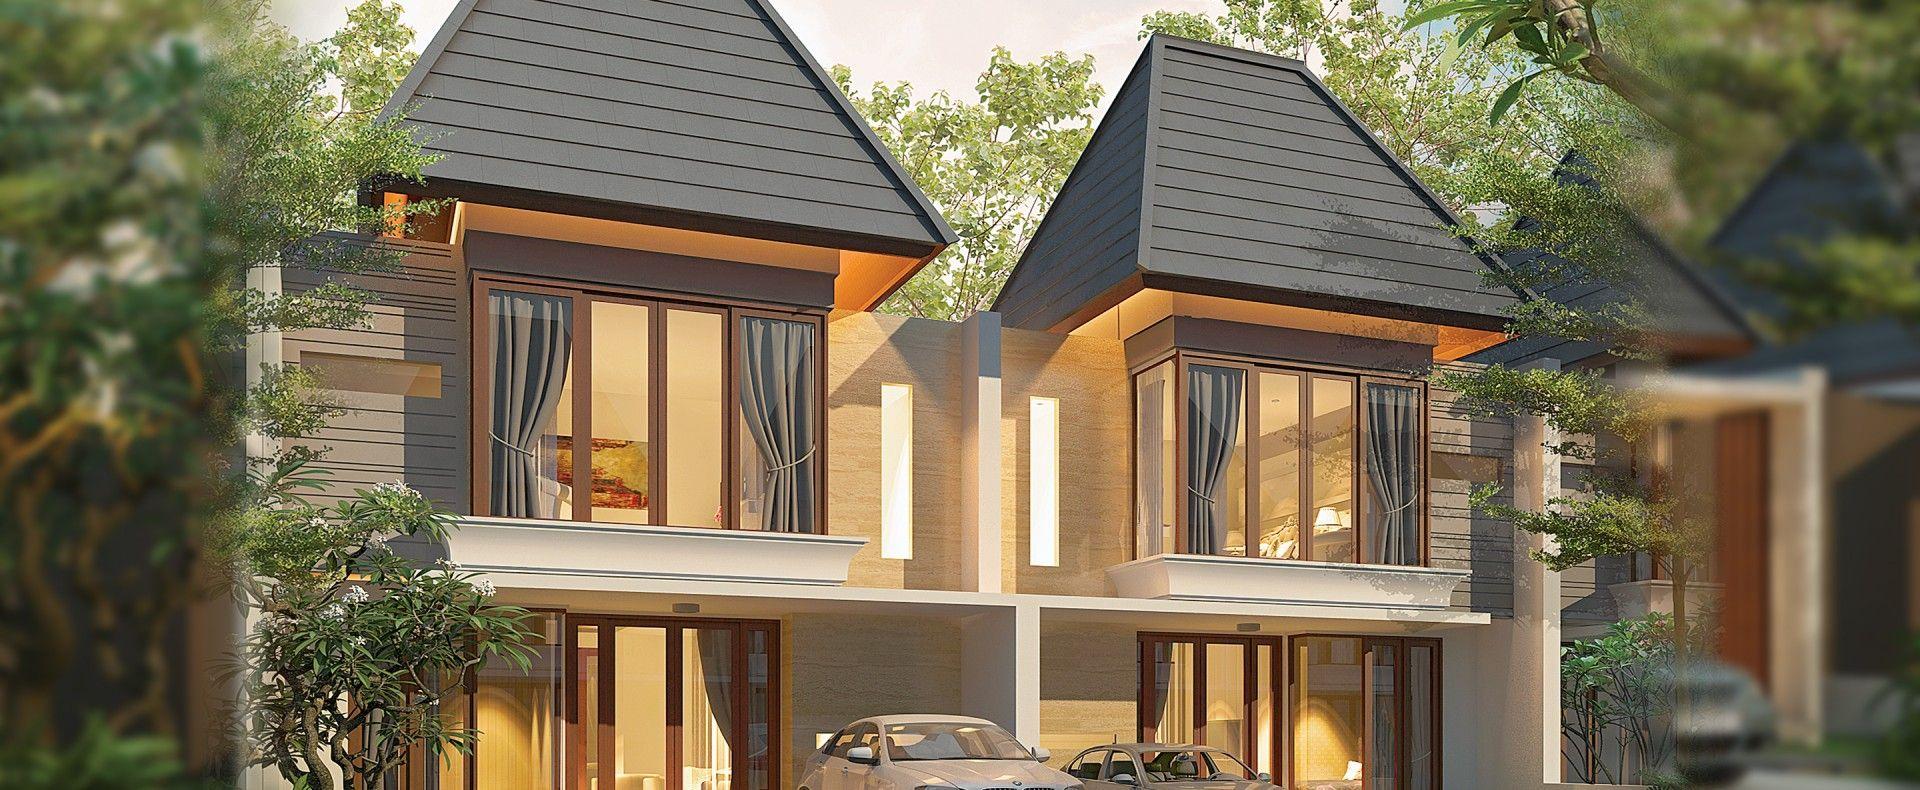 Desain Rumah Minimalis 2 Lantai Ada Kolam Renang | Huniankini